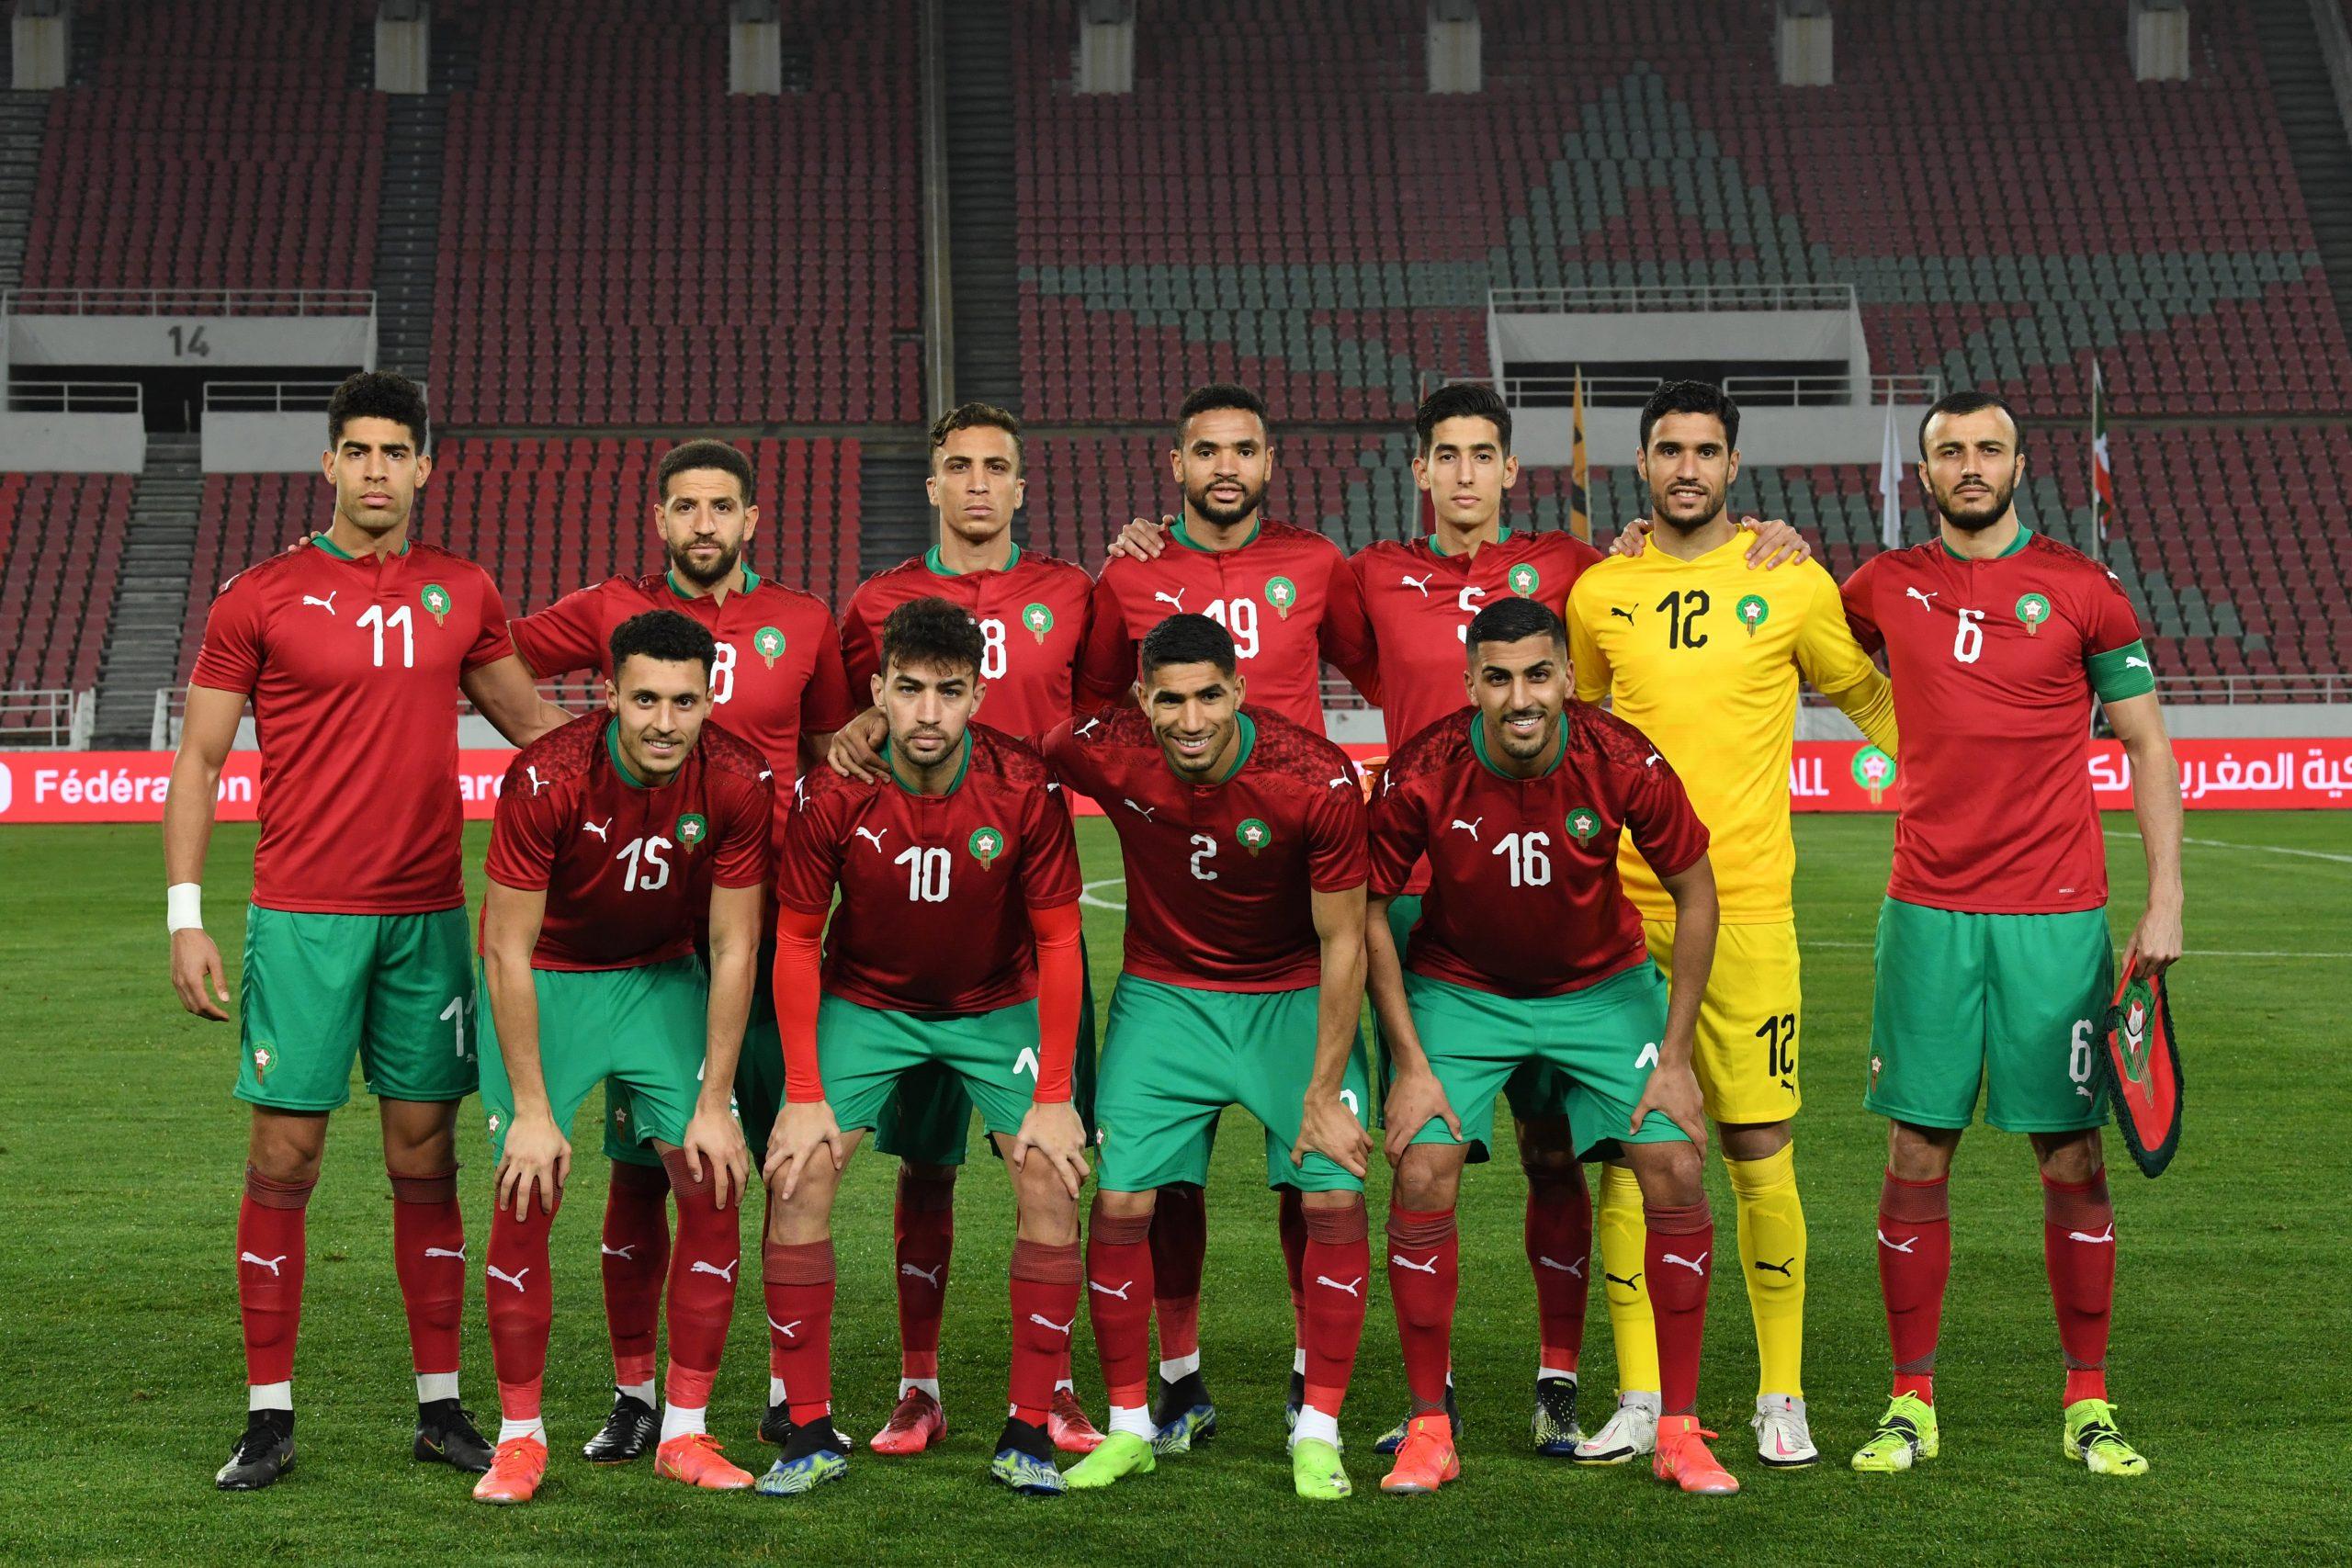 Équipe nationale : Deux matches de préparation en juin prochain